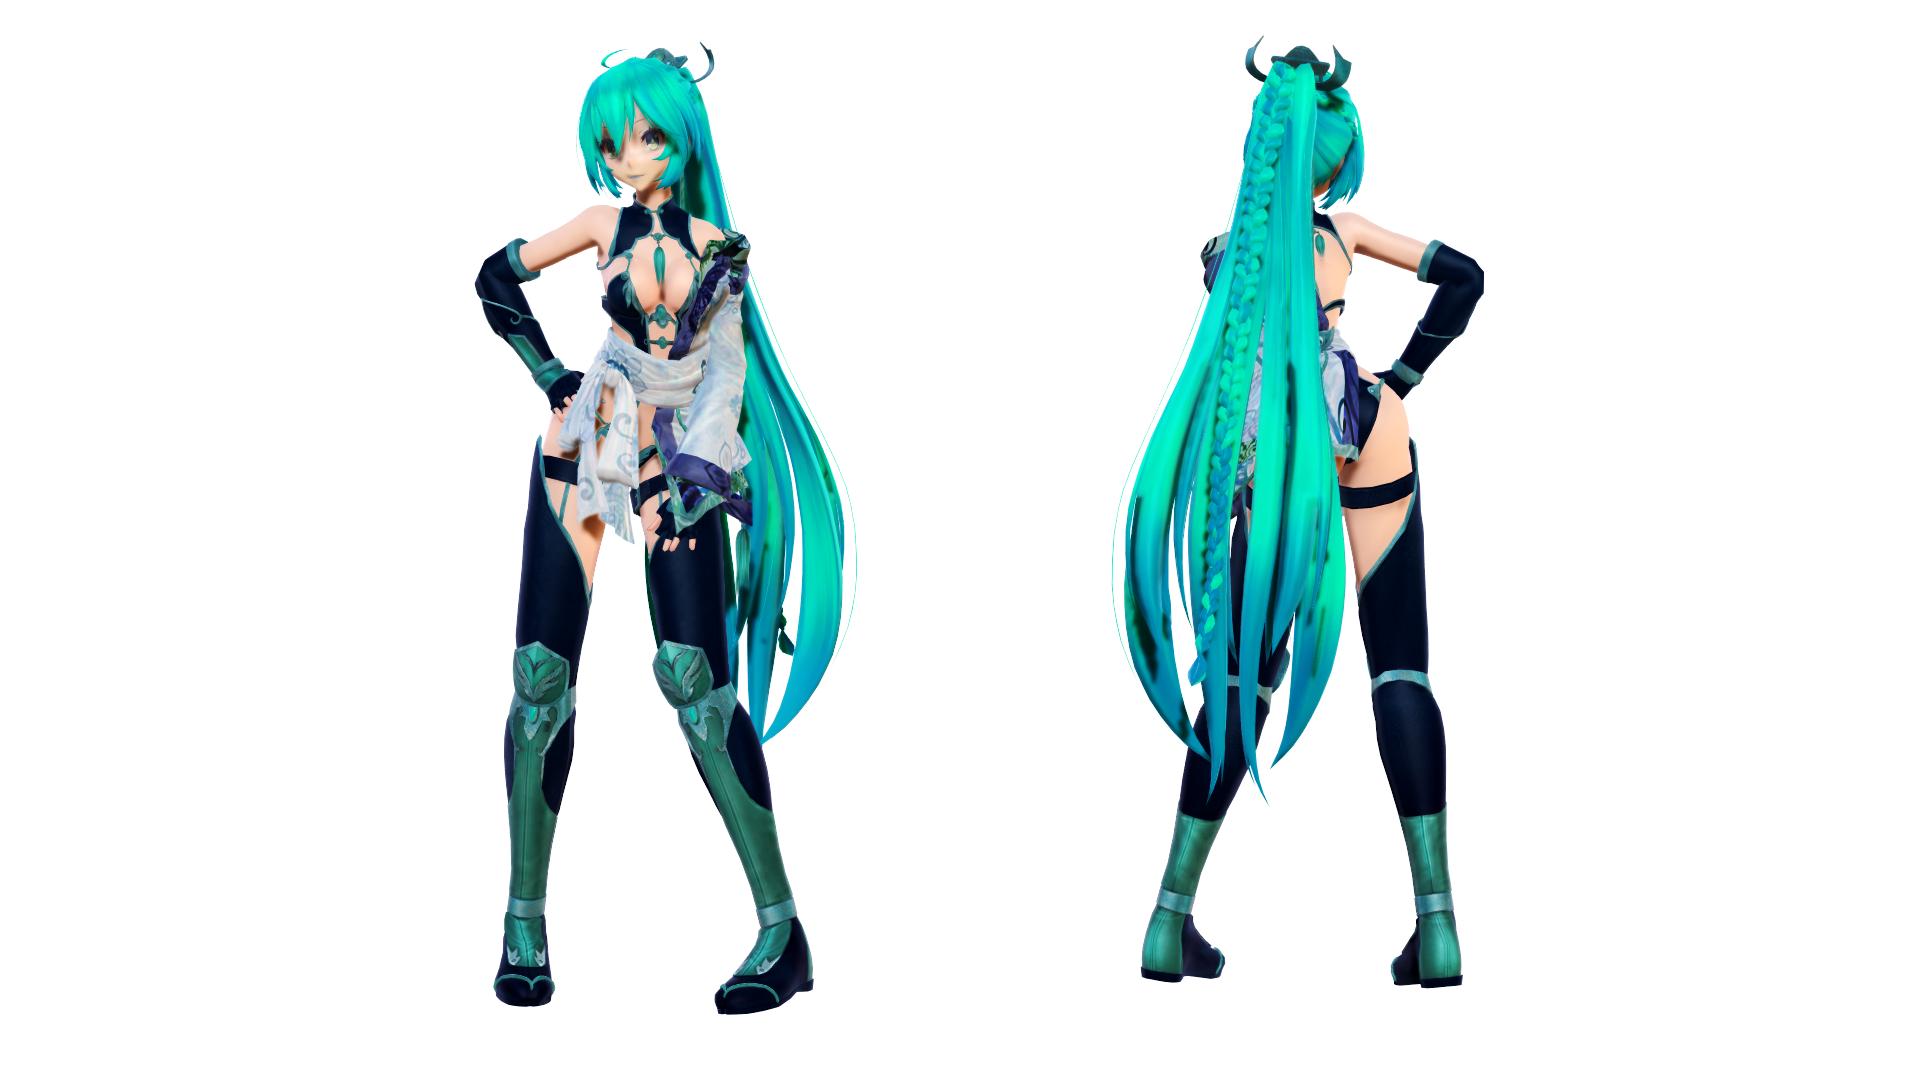 Model DL - TDA Battlesuit Miku by elina002 by elina002